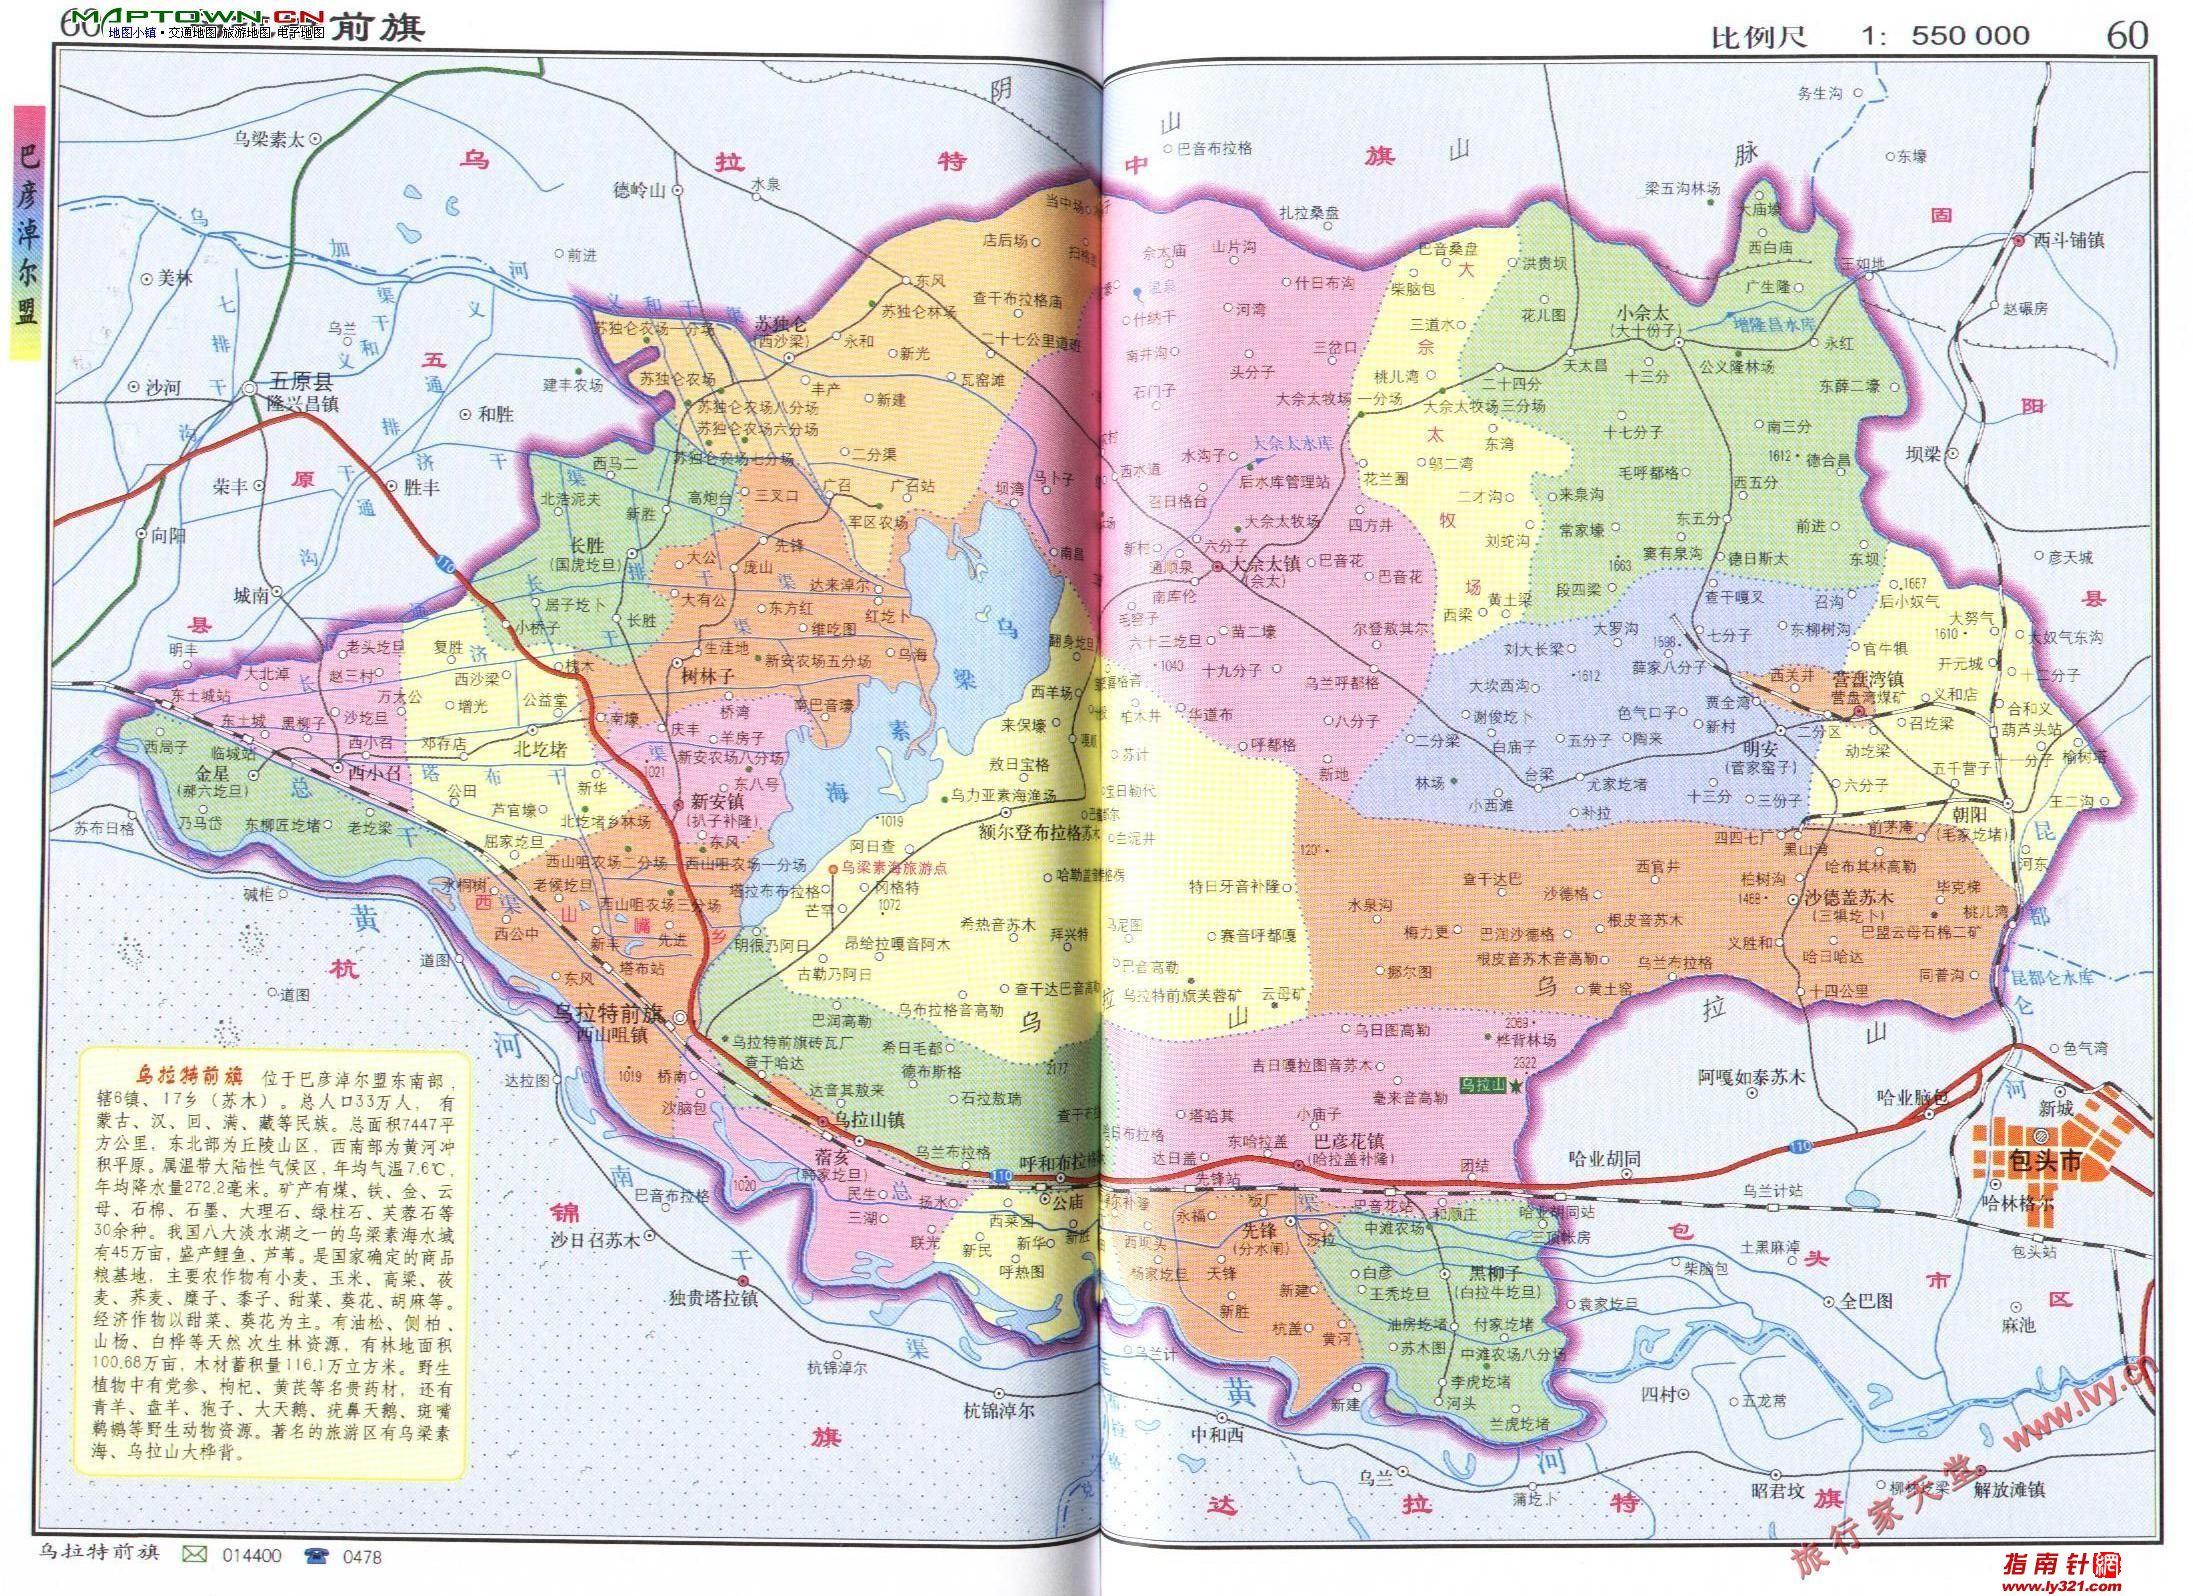 扎兰屯市地图_内蒙古巴盟地图_内蒙古巴盟疫情_内蒙古巴盟-007鞋网